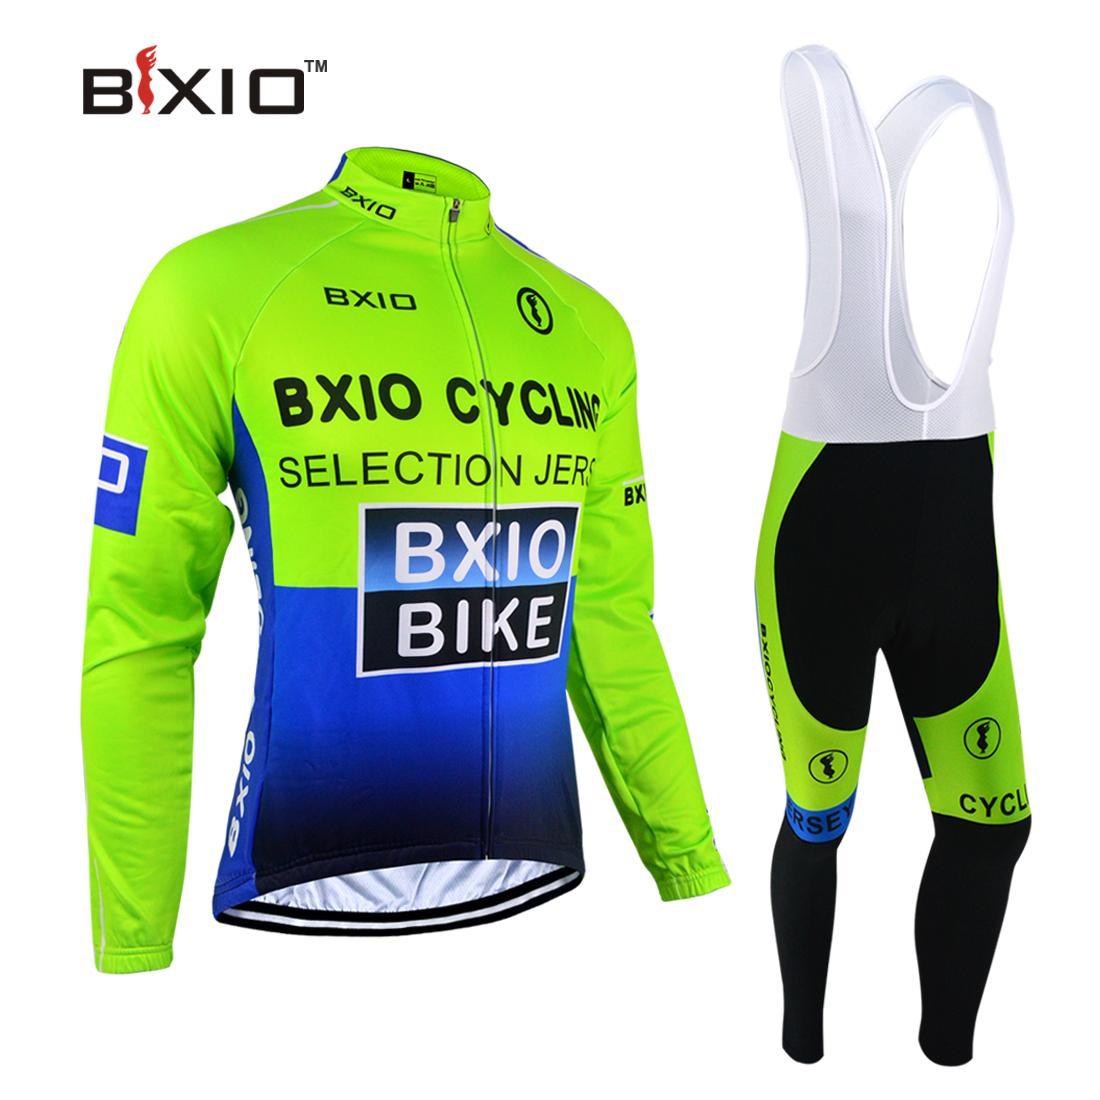 BXIO Bisiklet Formaları Kış Termal Polar Uzun Kollu Döngüsü Forması Seti Floresan Yeşil Bisiklet Tam Fermuar Bisikletleri giysi Giymek BX-004